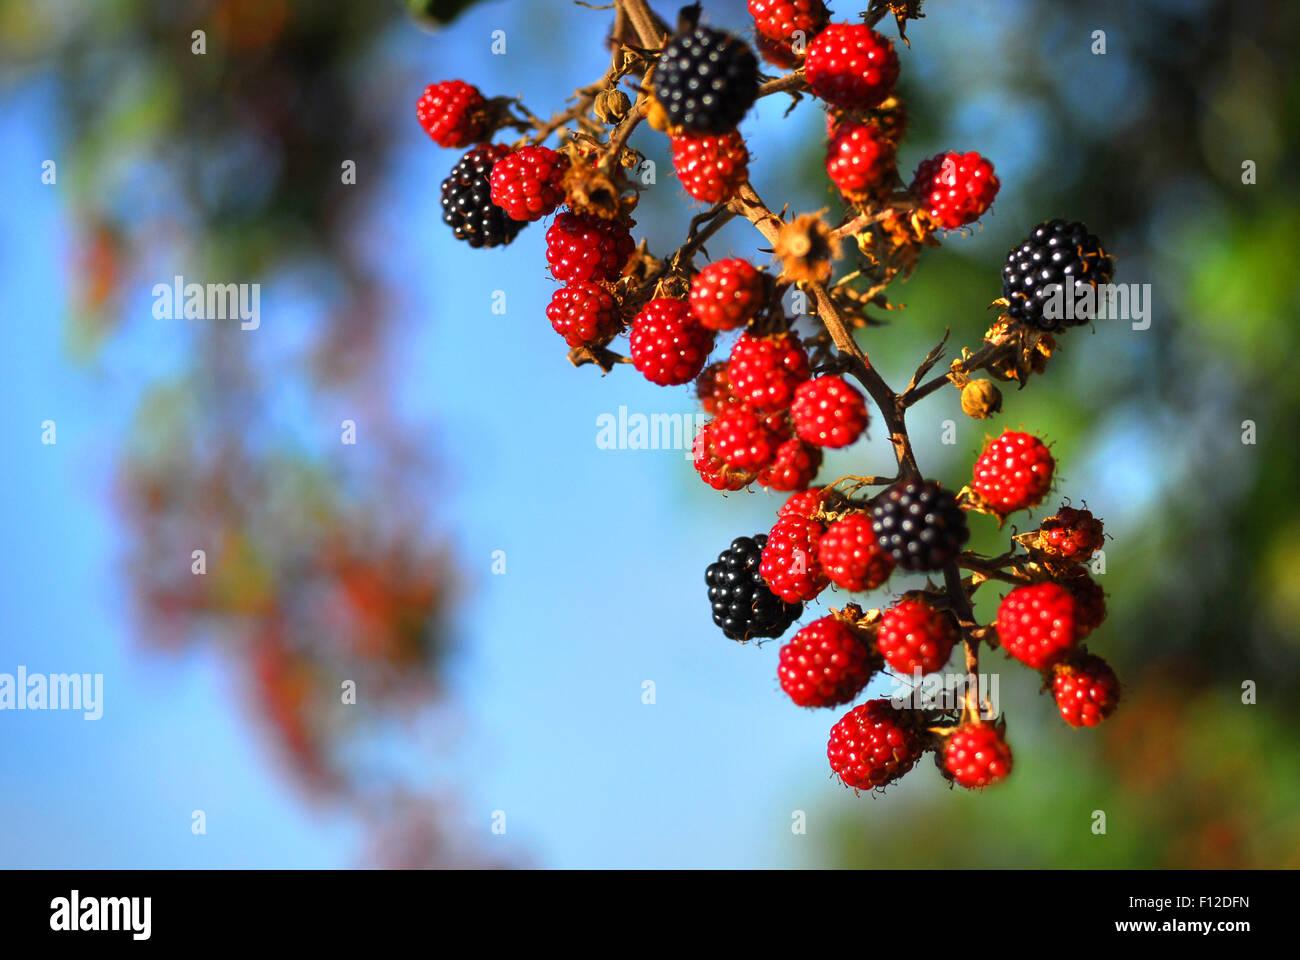 Wild blackberries - Stock Image